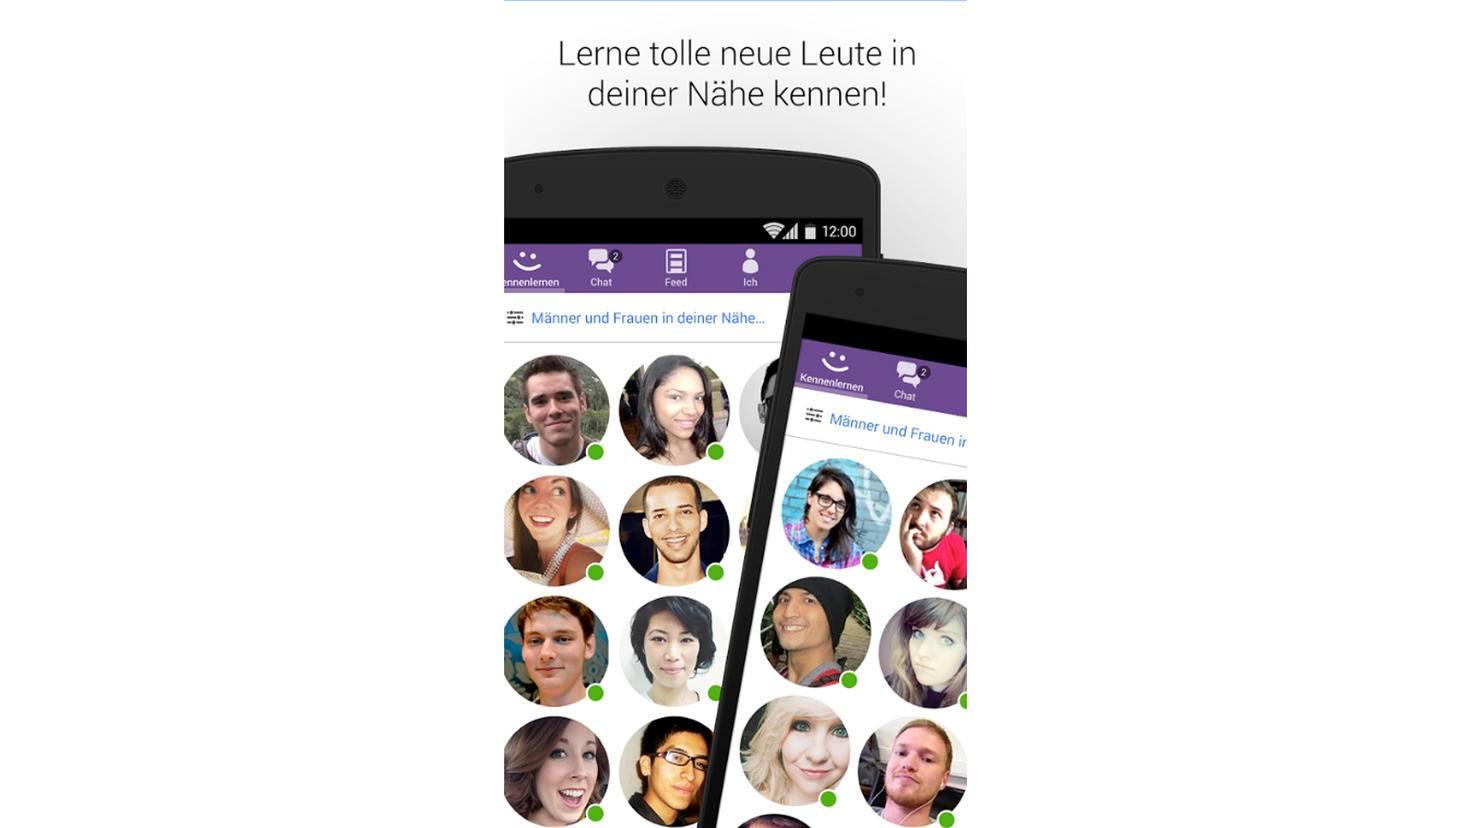 Nette Leute kennenlernen: Empfehlenswerte Apps für Freundschaften - CHIP